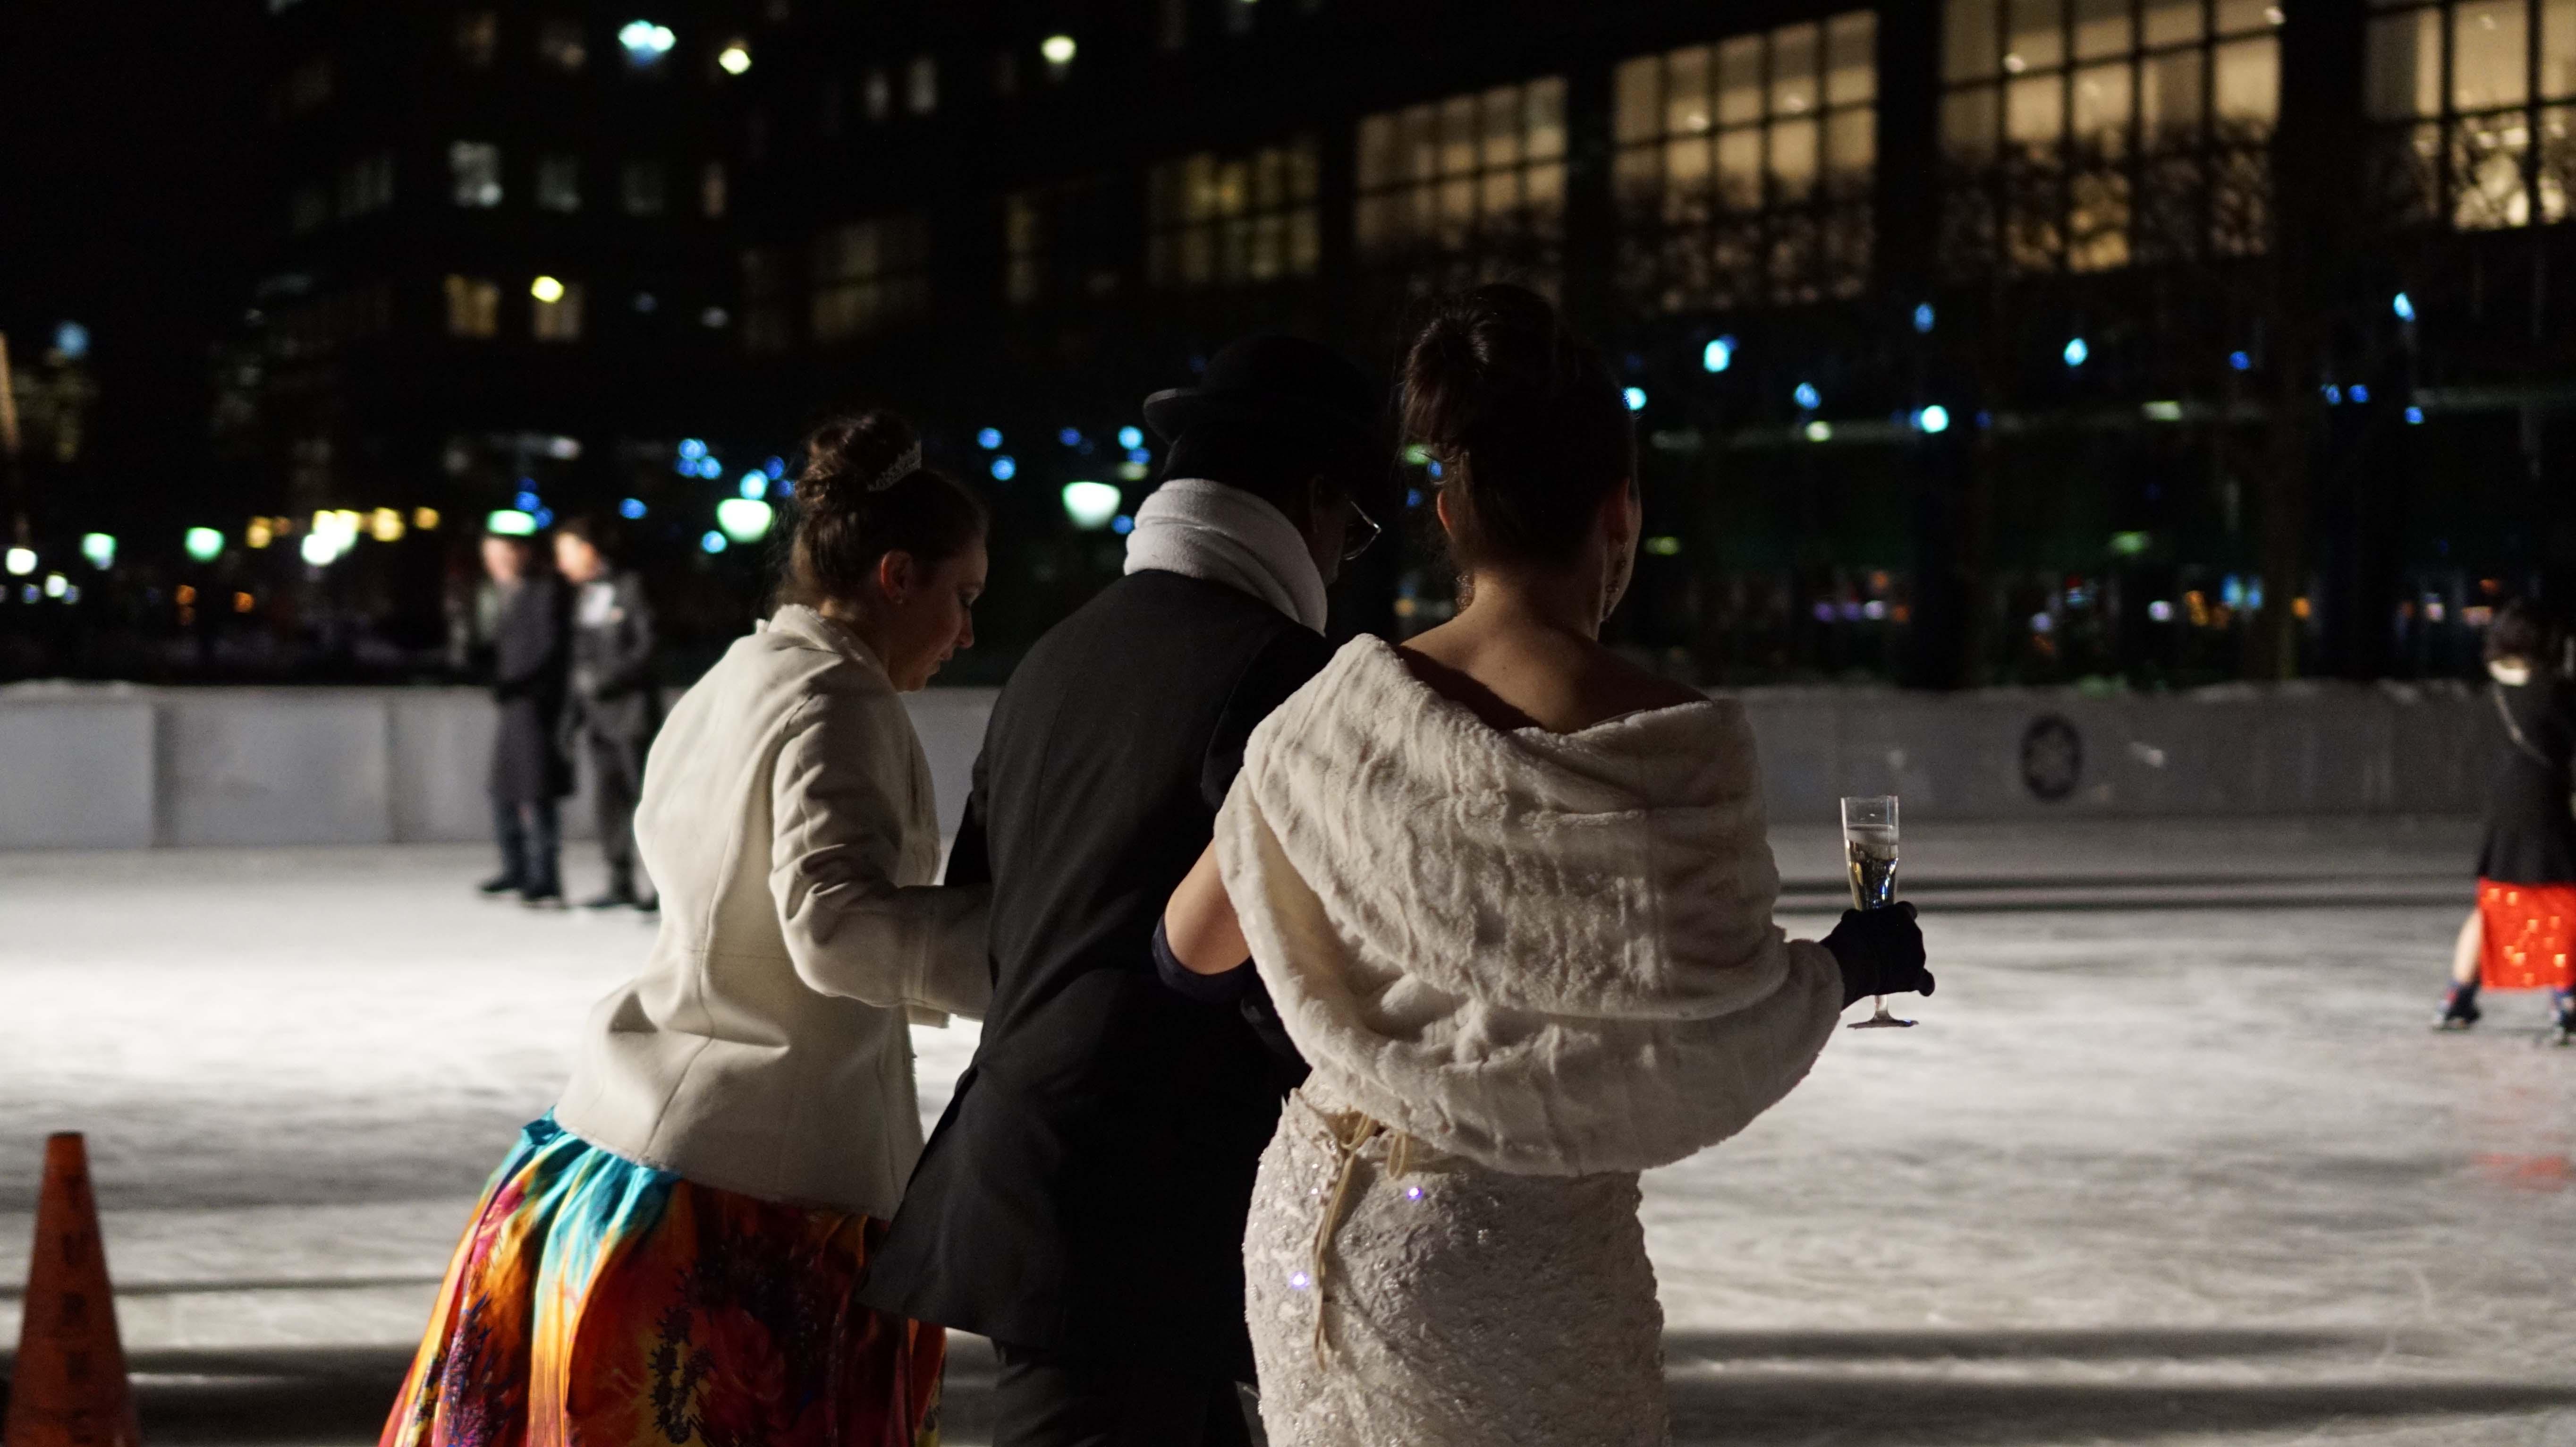 Moet ice skating 3